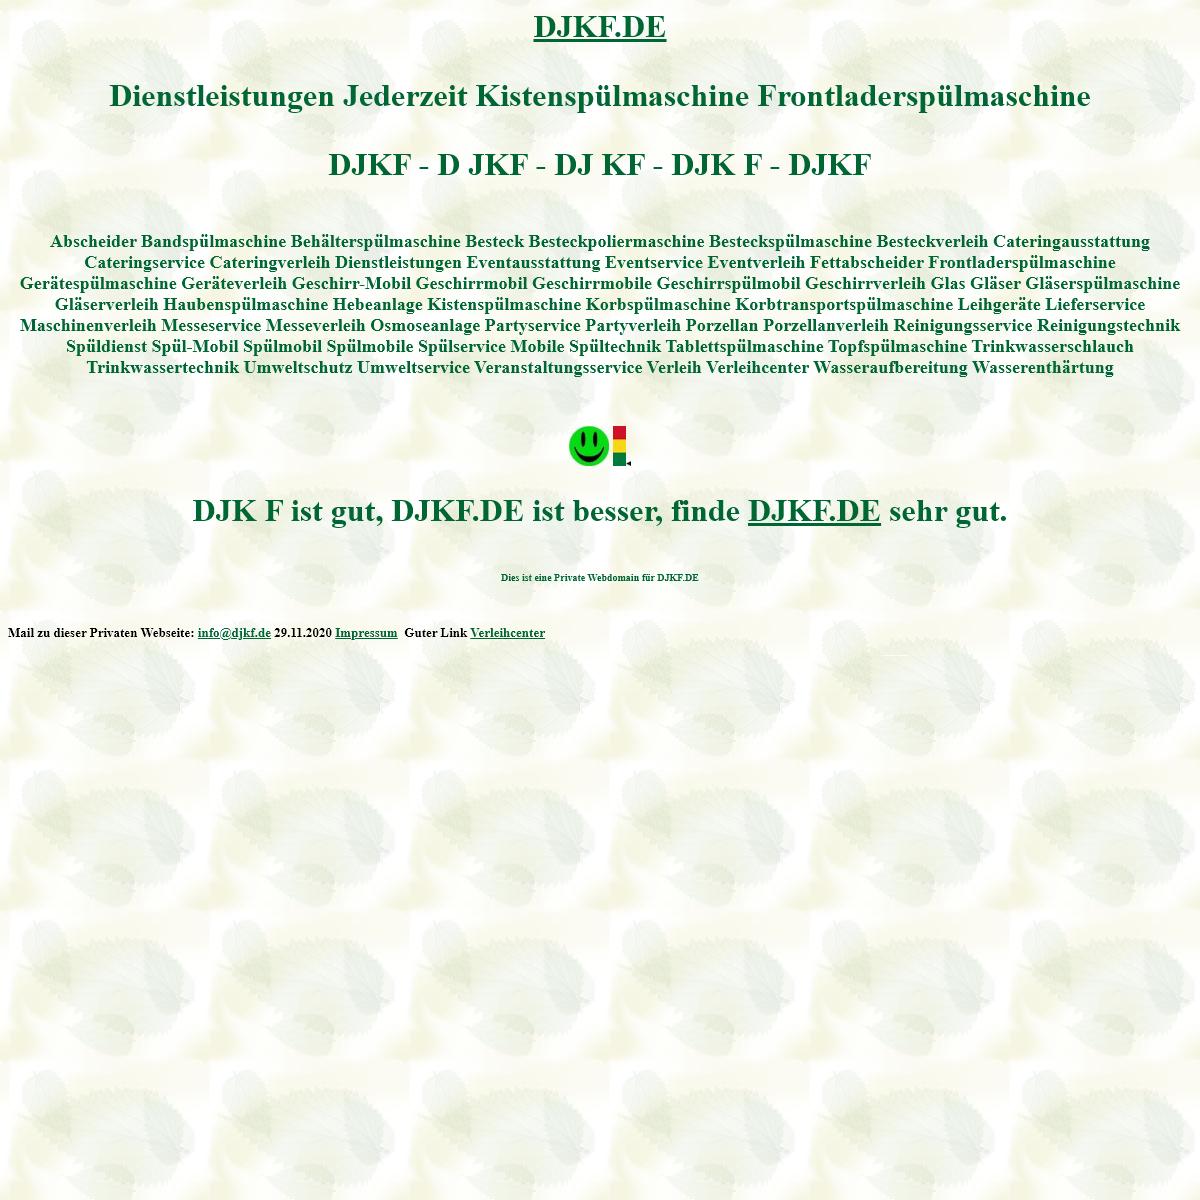 djkf Dienstleistungen Jederzeit Kistenspülmaschine Frontladerspülmaschine Spülmobil Verleih Geschirrmobil Mieten